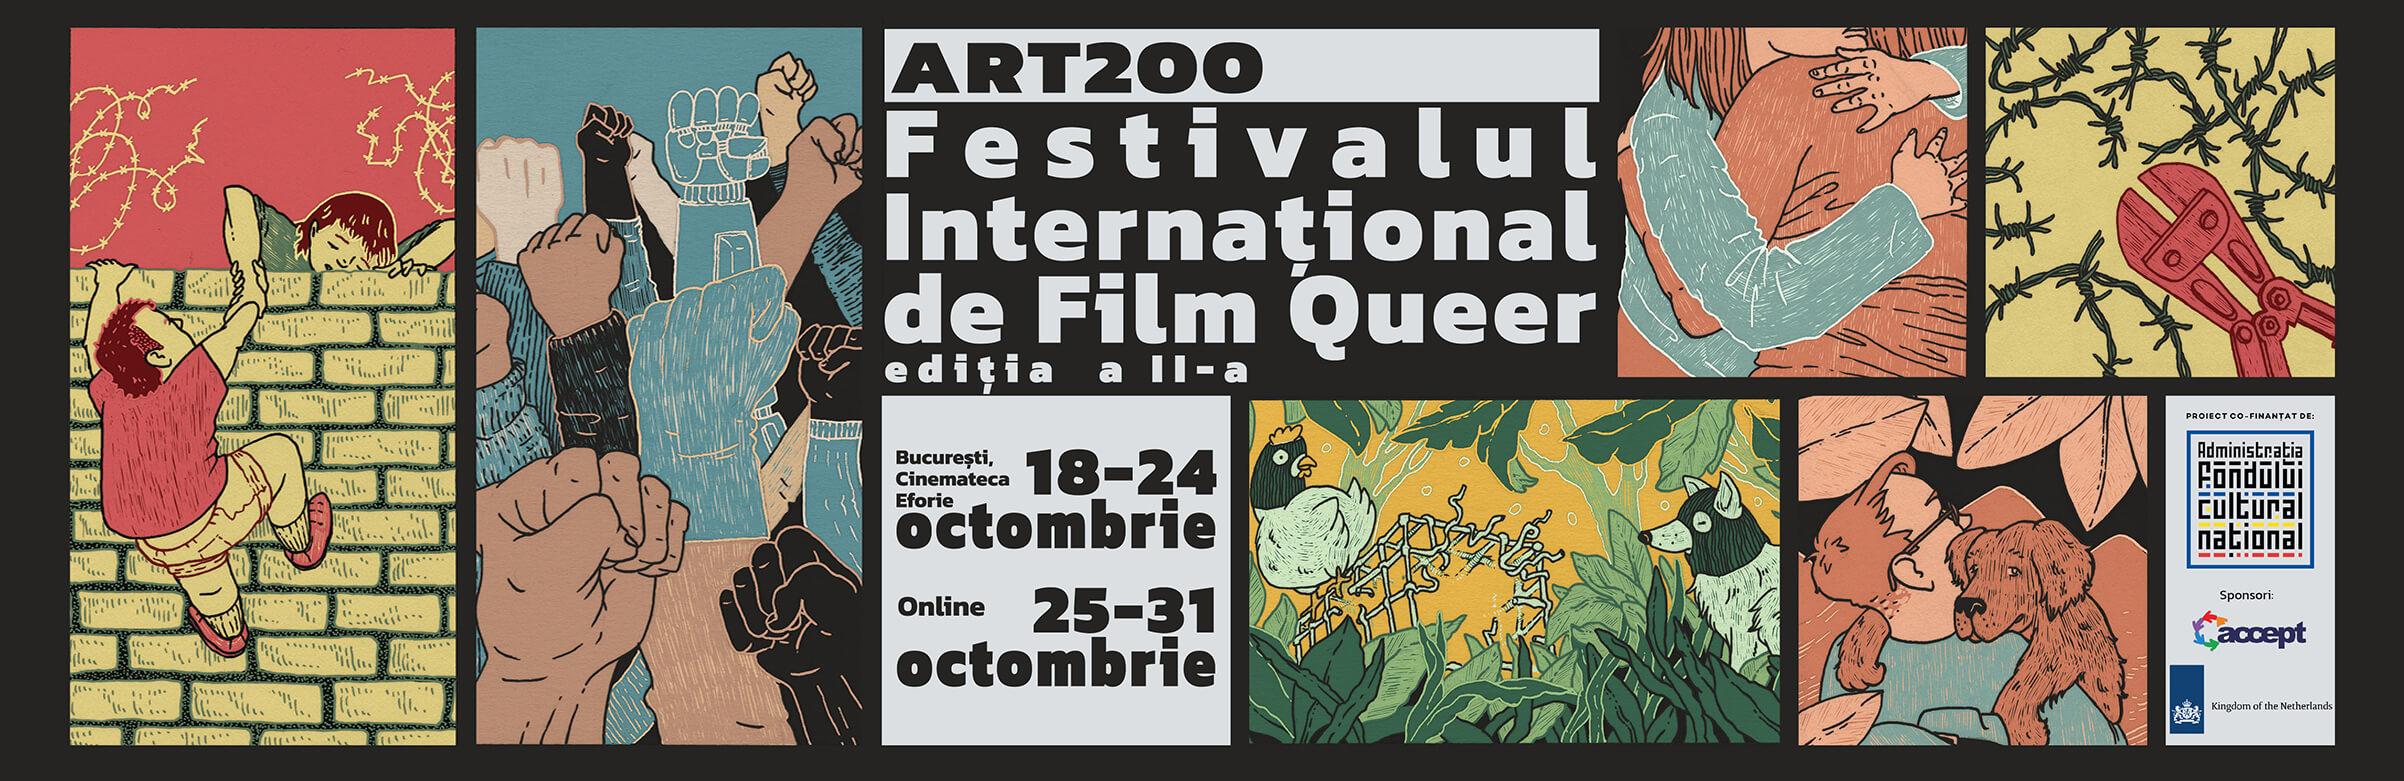 ART200